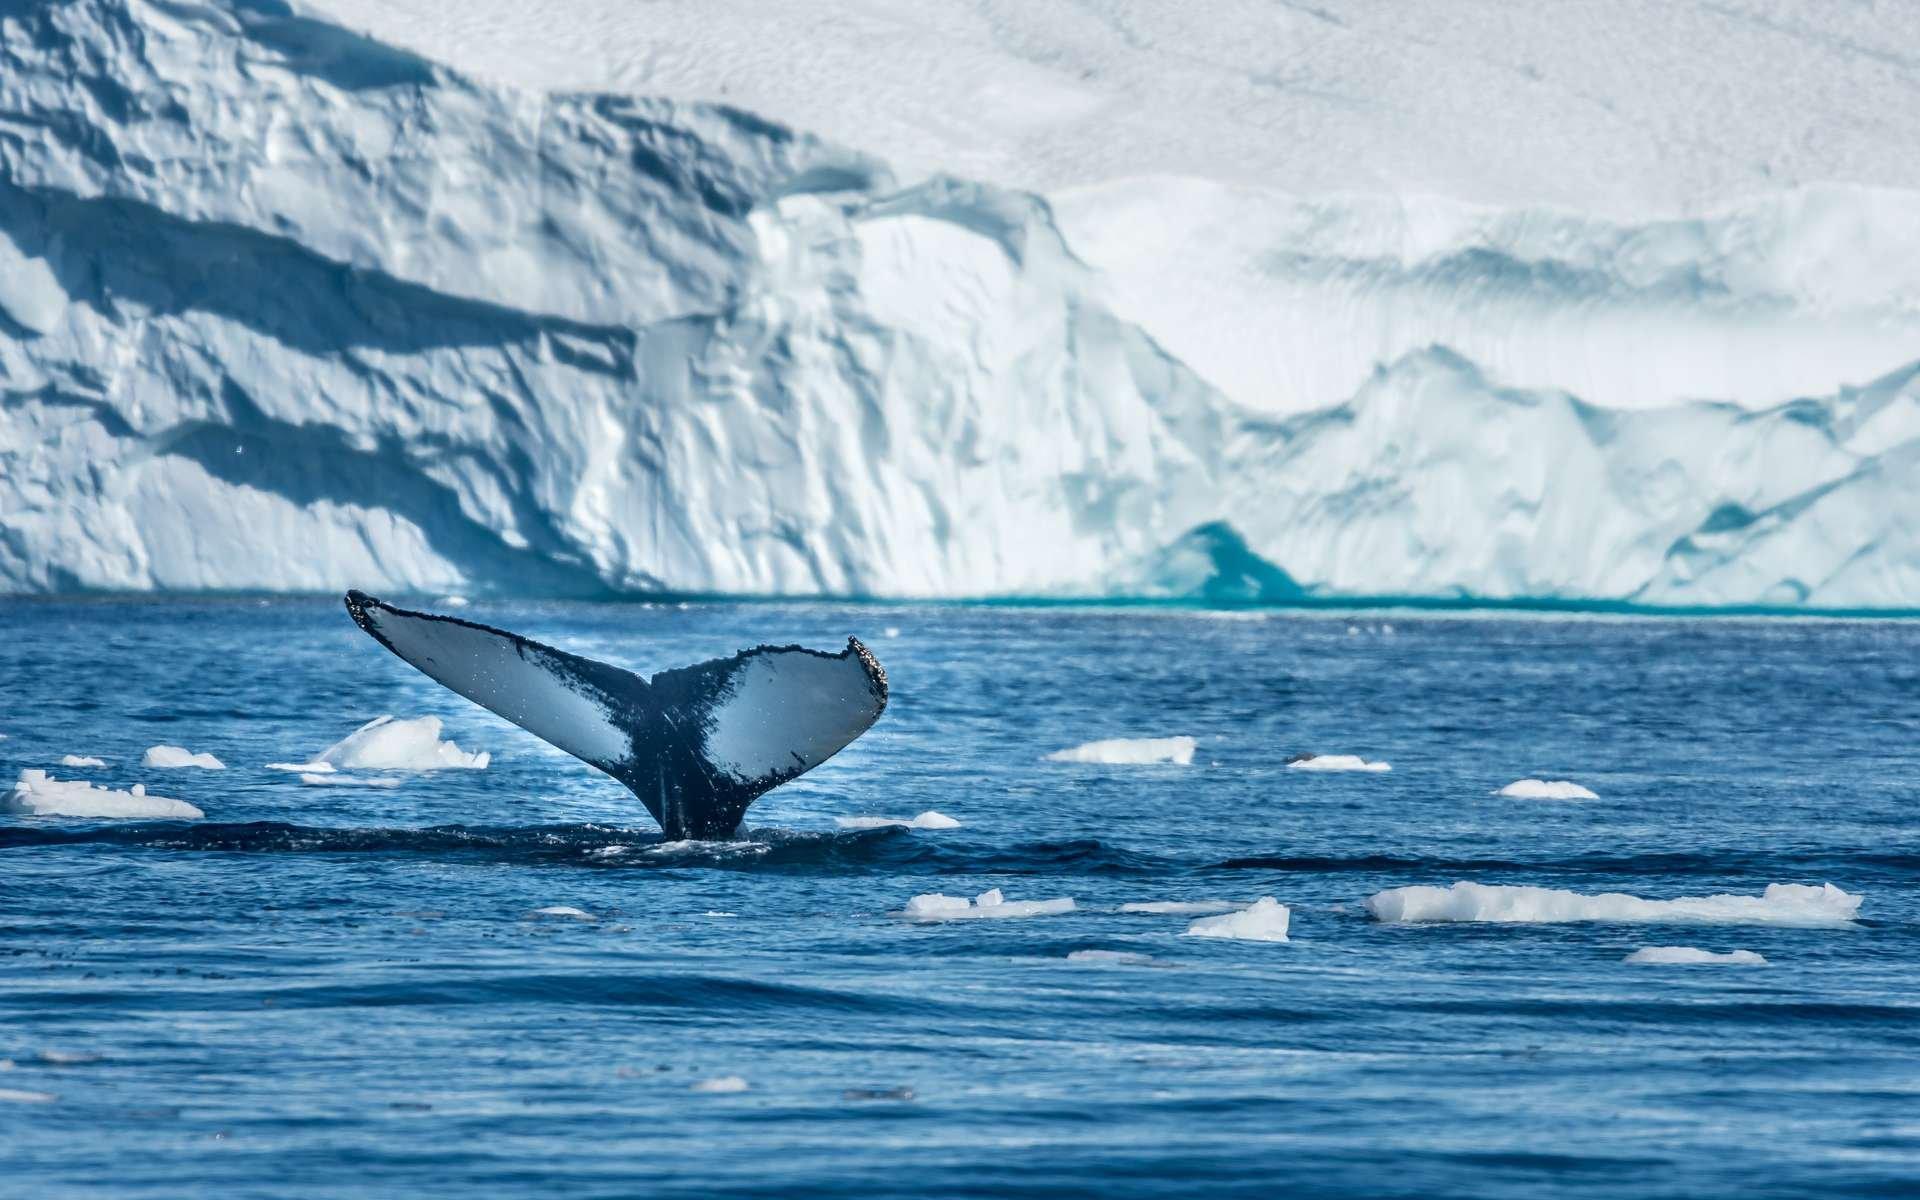 Le Groenland fond à vue d'œil : plusieurs milliards de tonnes de glace disparaissent chaque jour